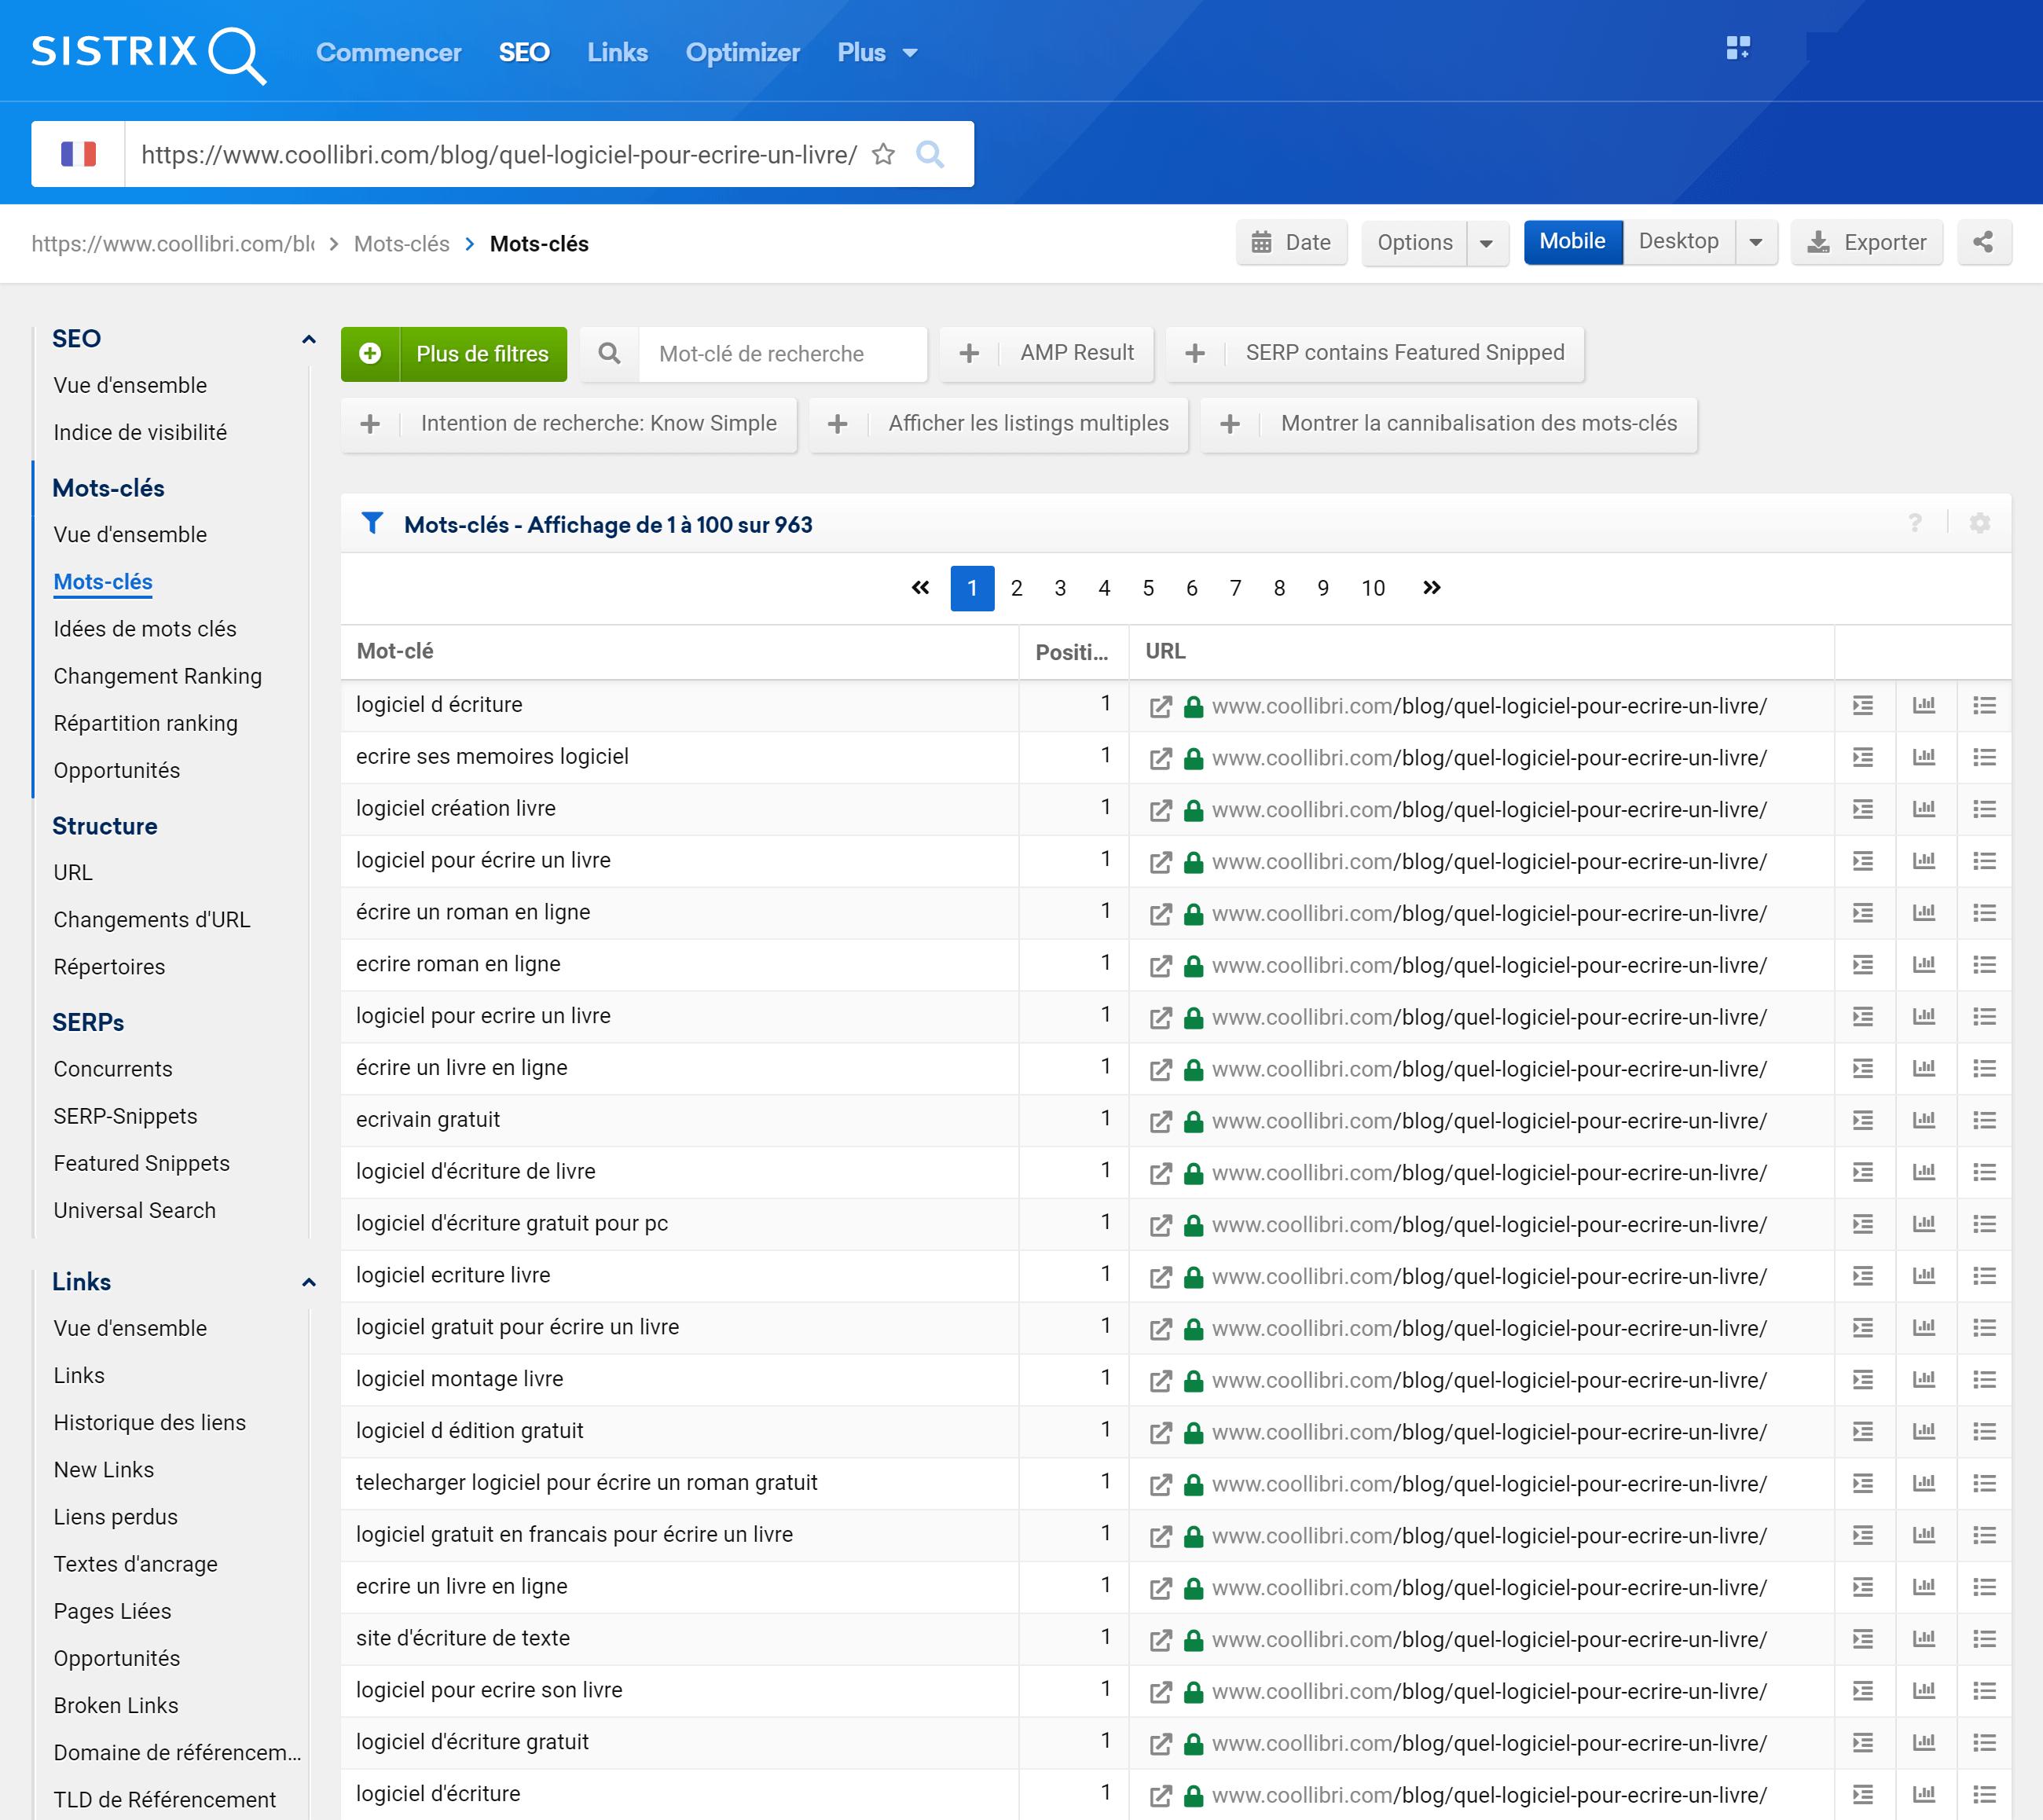 Mots-clés indexés pour une URL